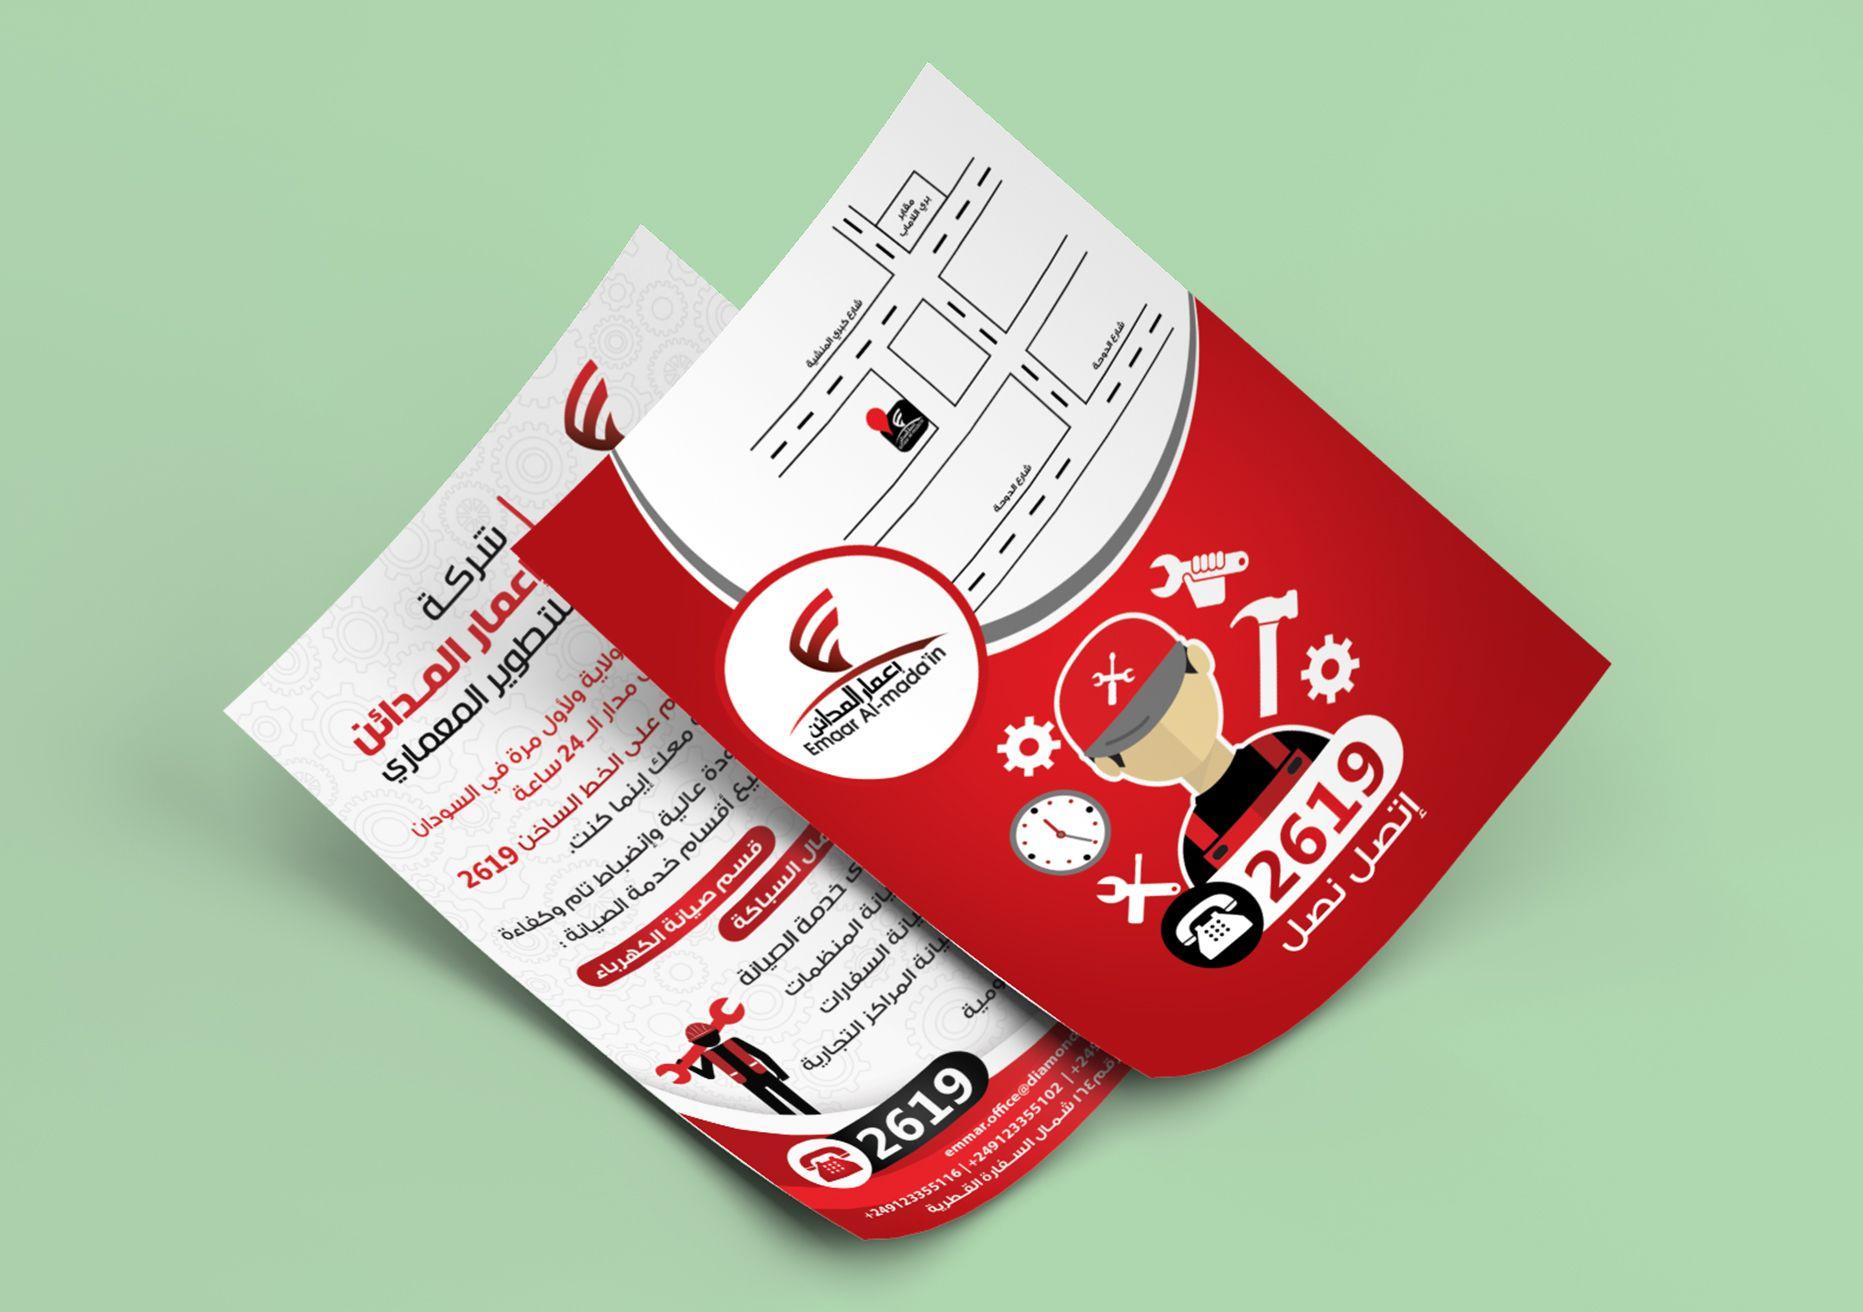 نماذج أعمالنا جرافيك تصميم مواقع الكترونية فيديوهات تسويقية Enamel Pins Monopoly Deal